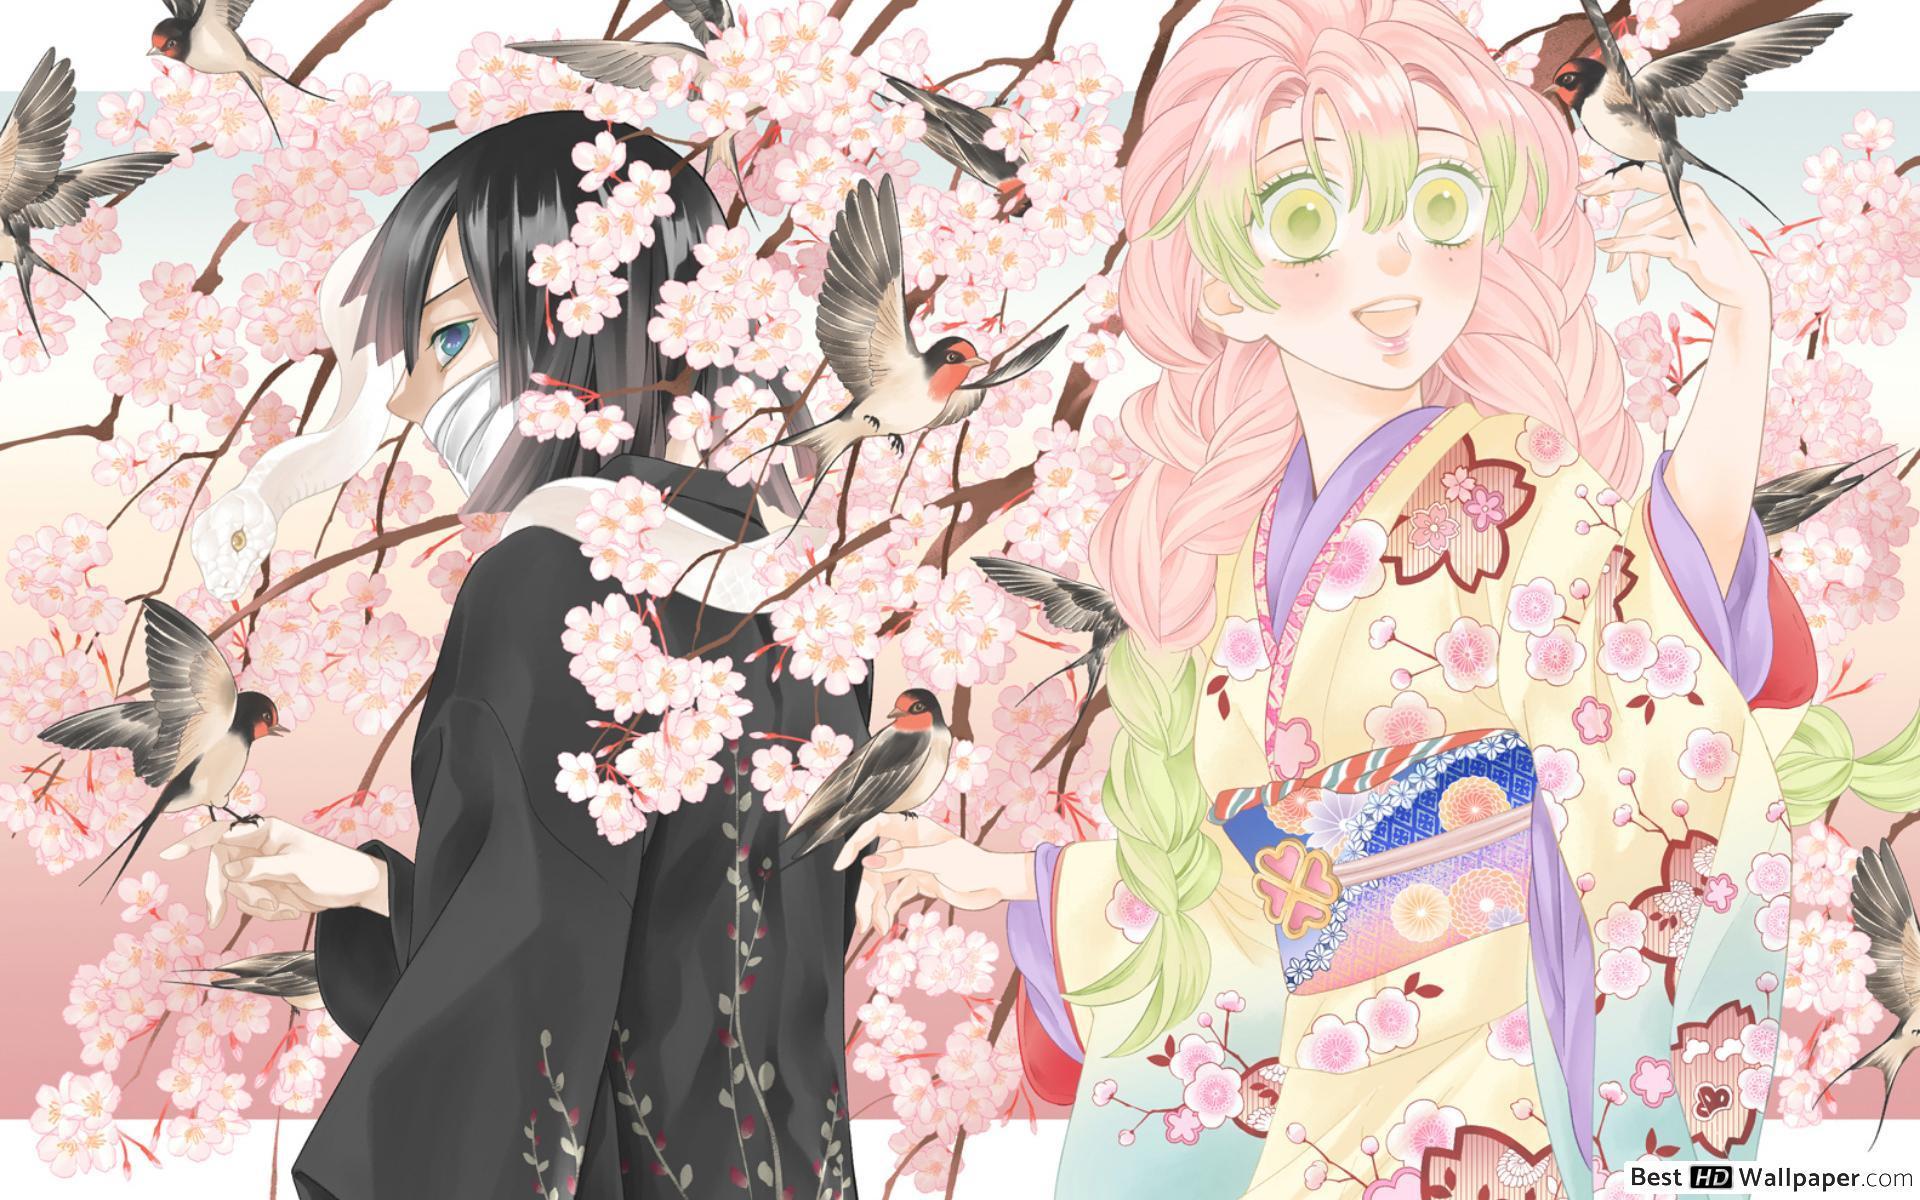 Mitsuri Kanroji Wallpapers Top Free Mitsuri Kanroji Backgrounds Wallpaperaccess September 12, 2020december 29, 2020 mitaku 4 comments azami, kimetsu no yaiba, mitsuri kanroji. mitsuri kanroji wallpapers top free